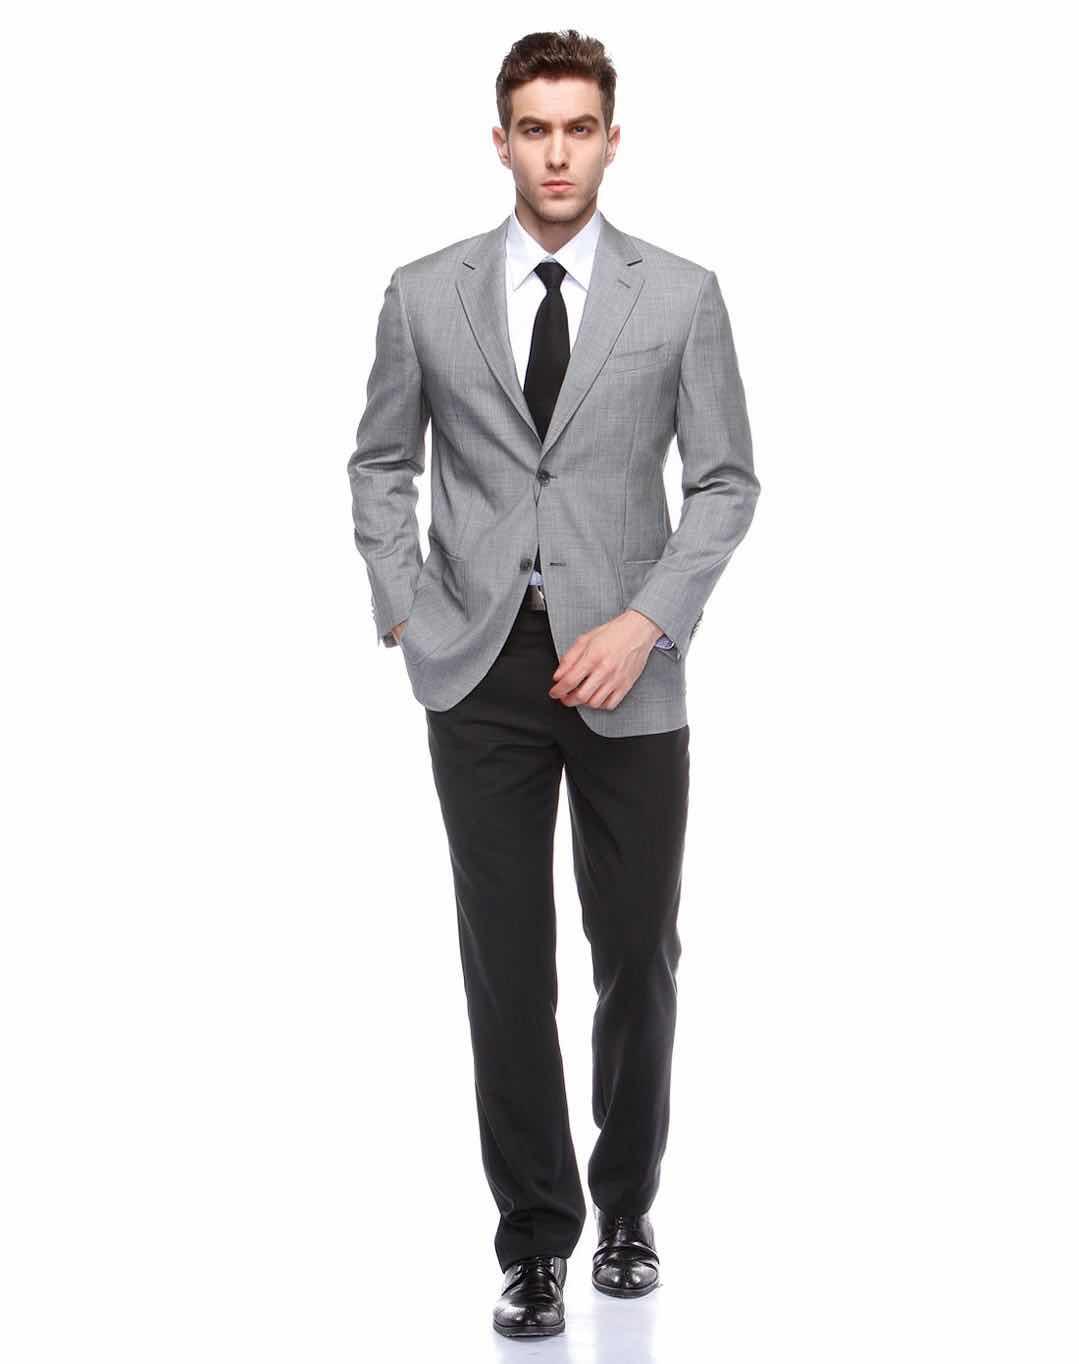 綿陽市西服定制團購 職業裝服裝 工作服團購 個人高級西裝定做